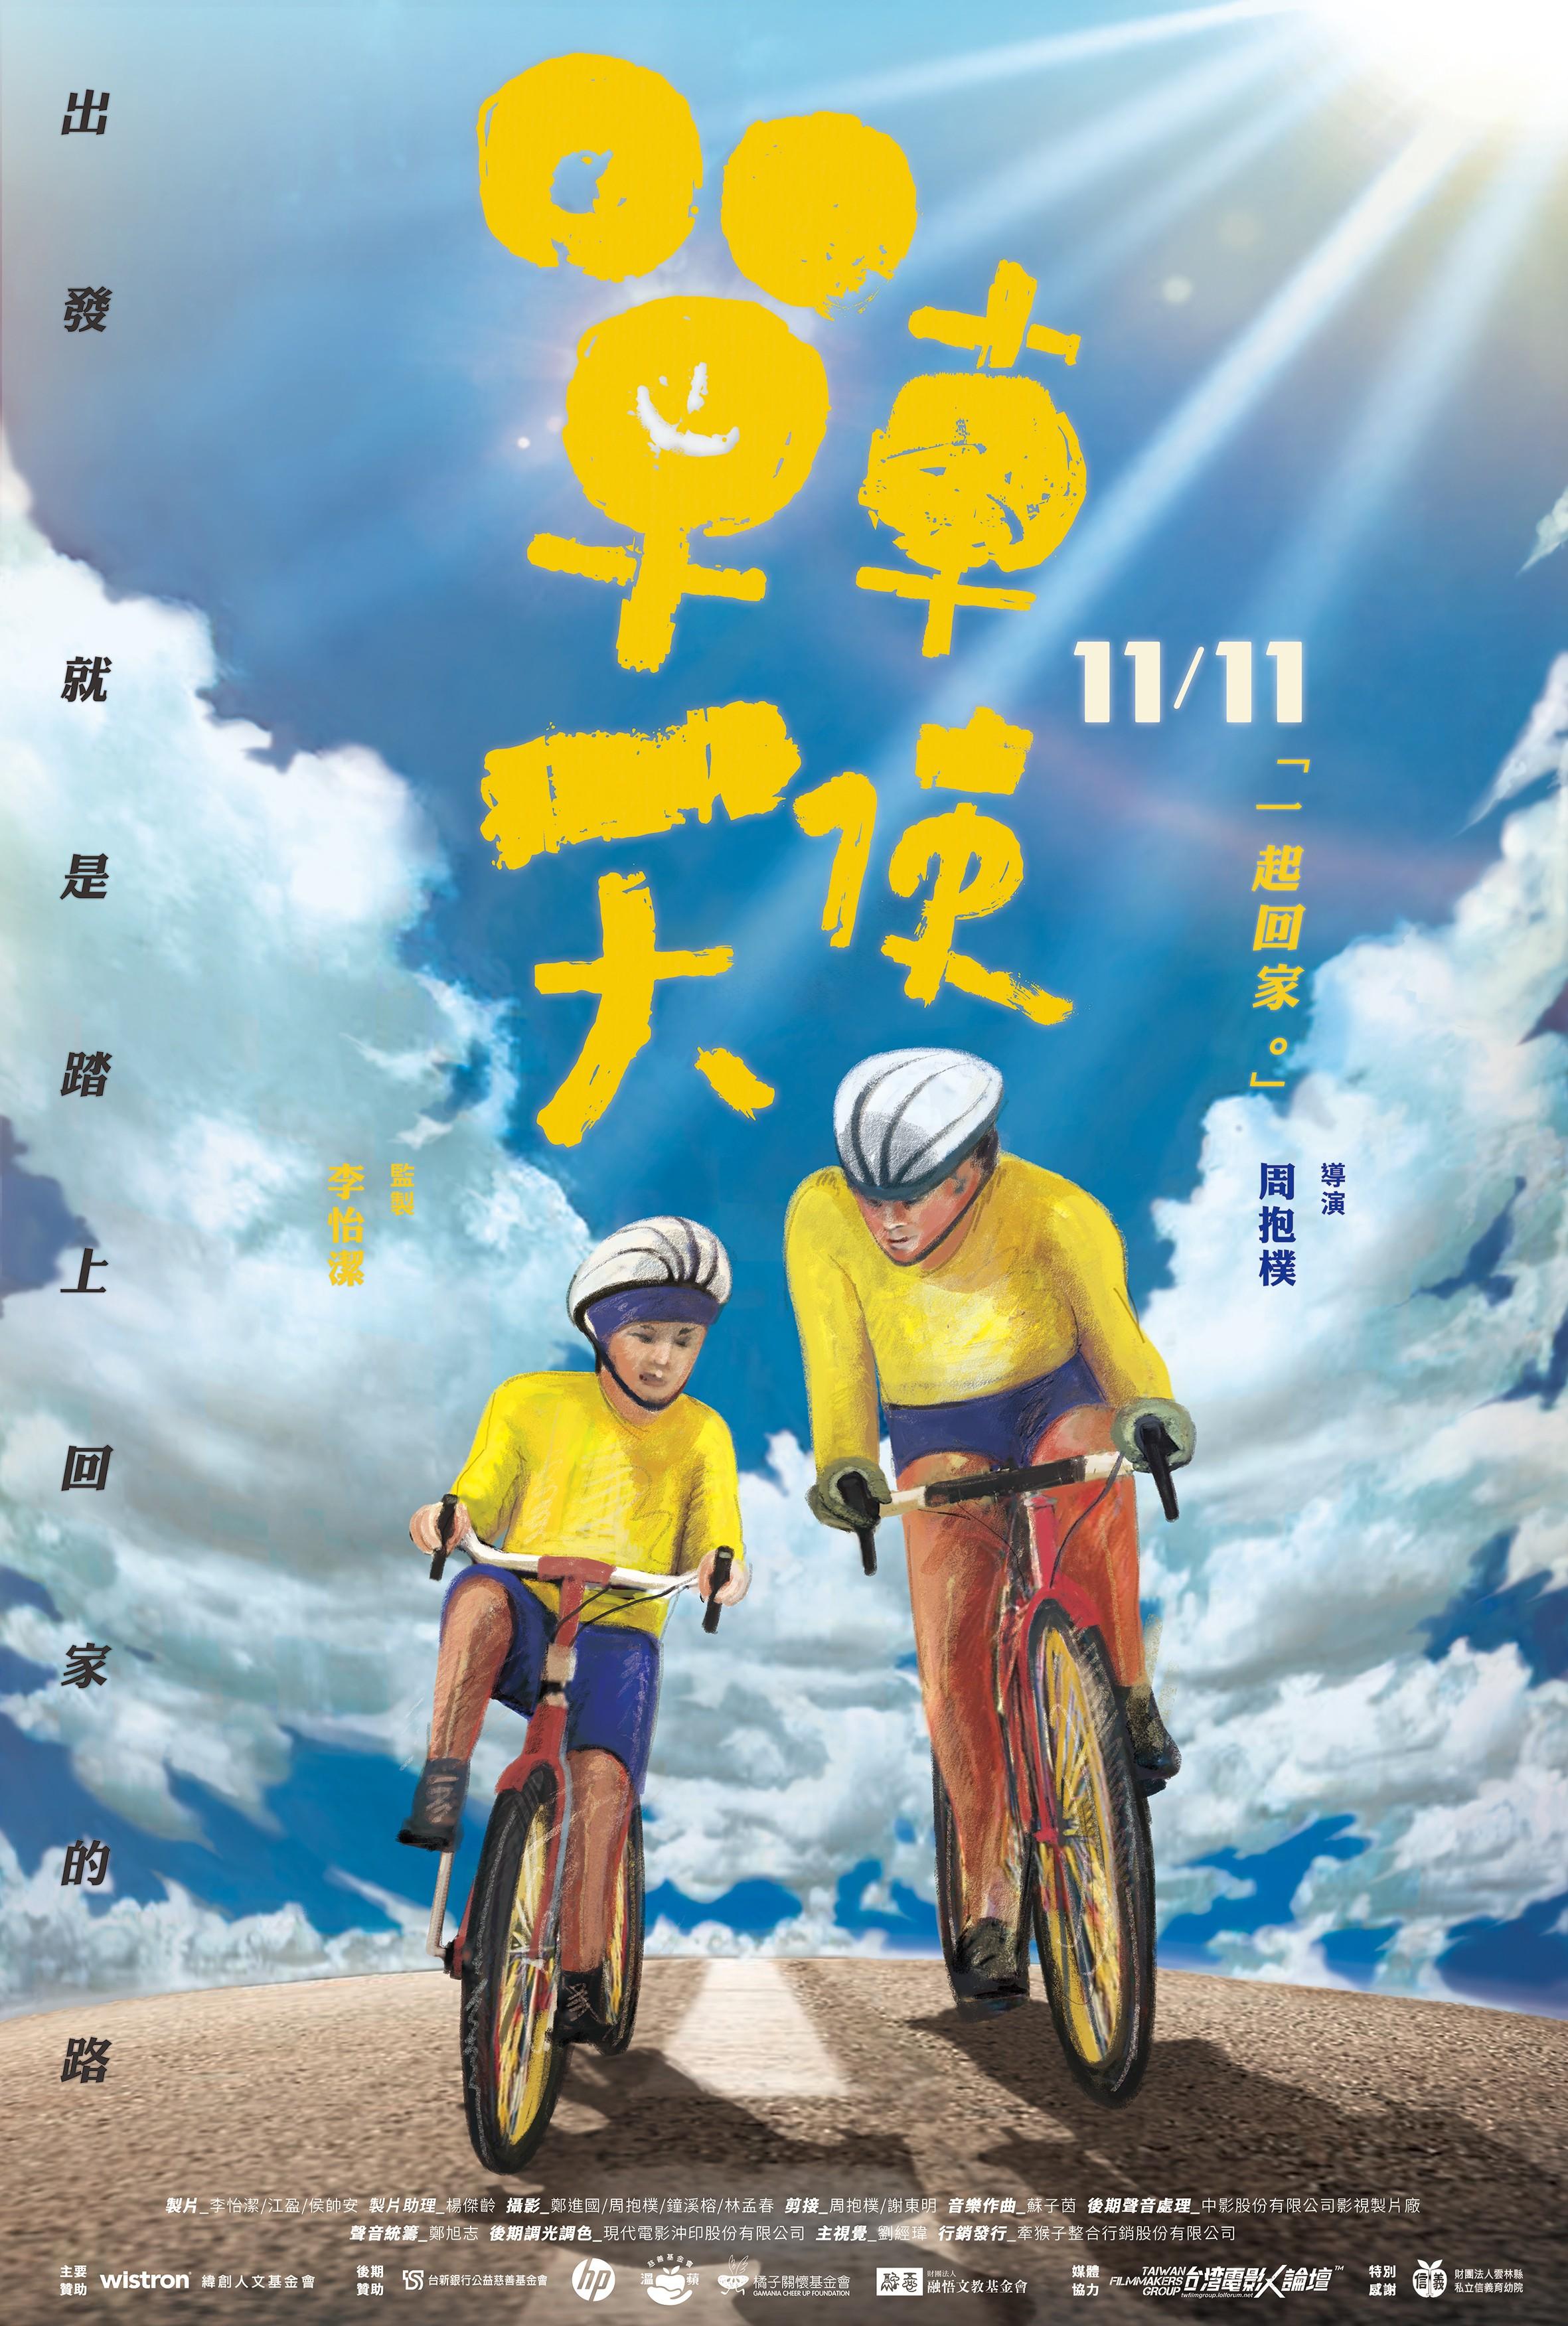 單車天使海報小檔